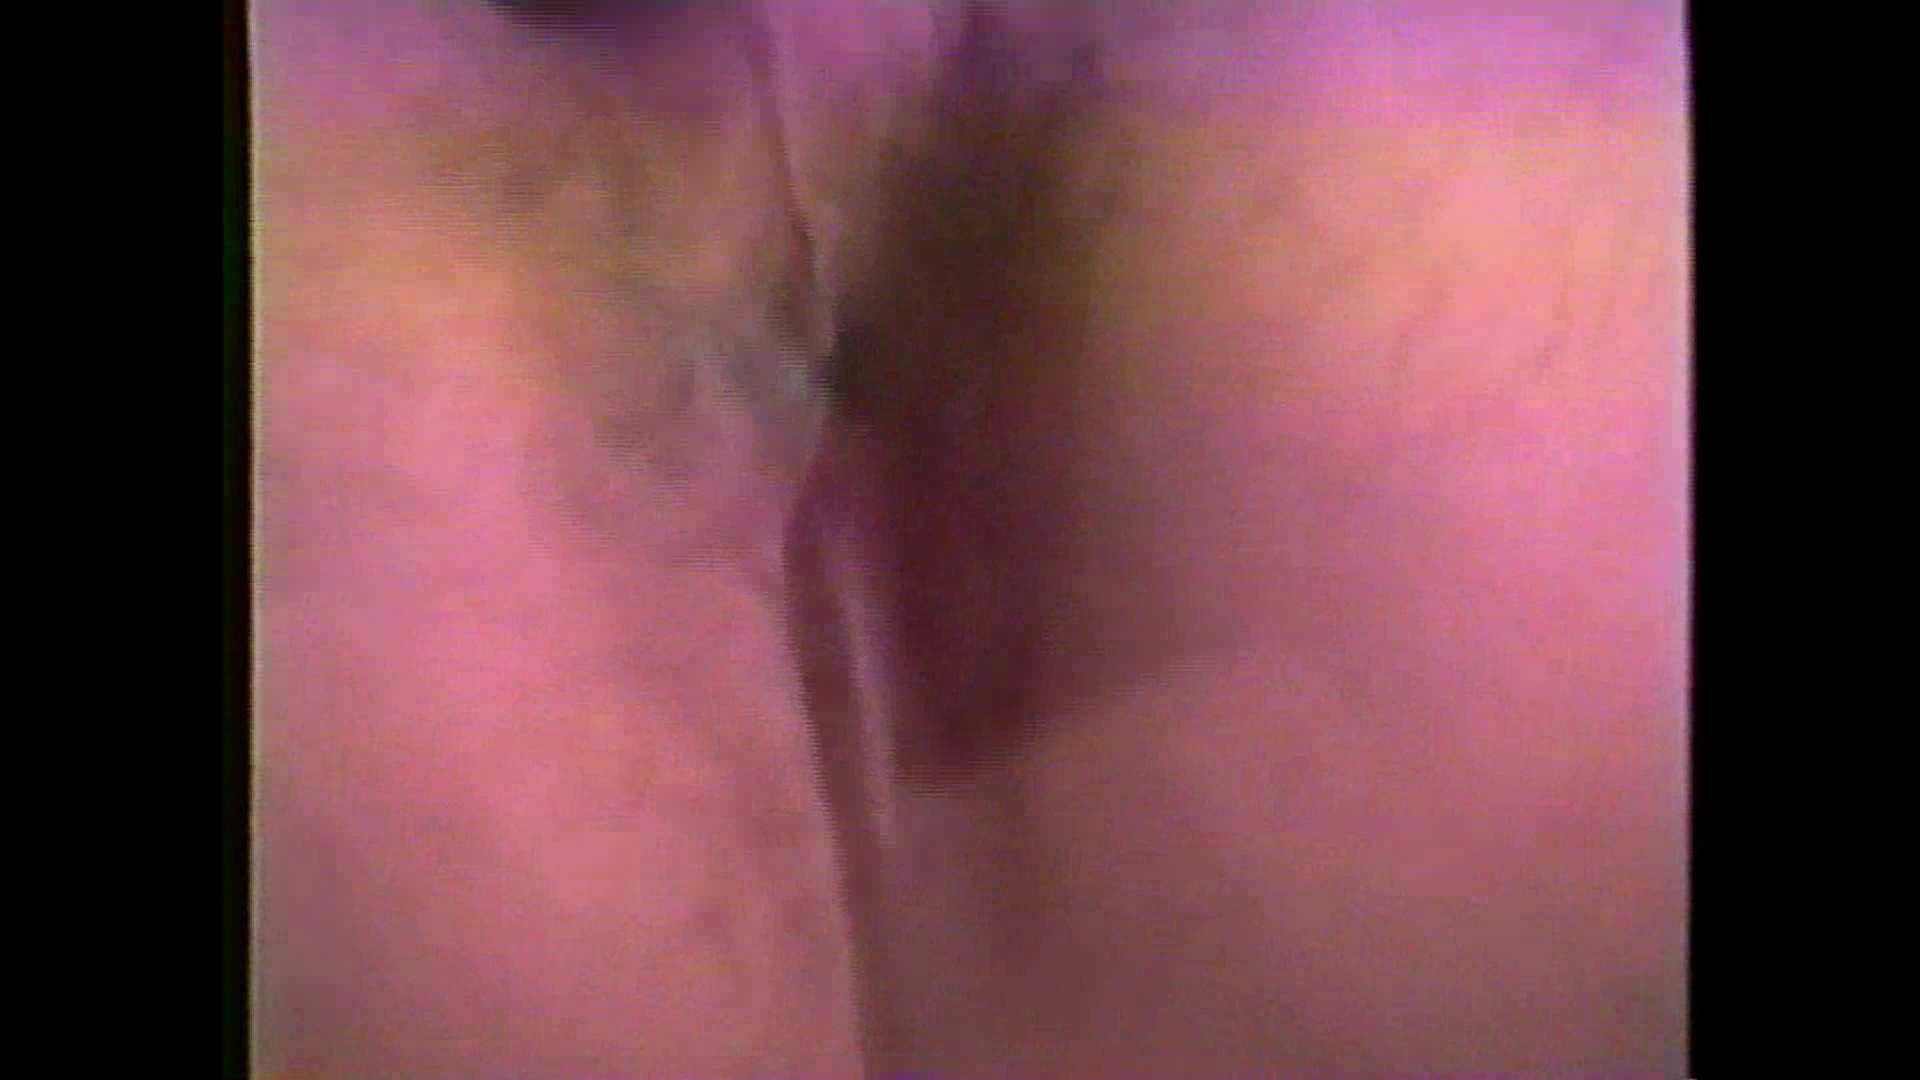 MADOKAさんのズリネタコレクションVol.2-1 フェラDE絶頂 | オナニー特集  80pic 9